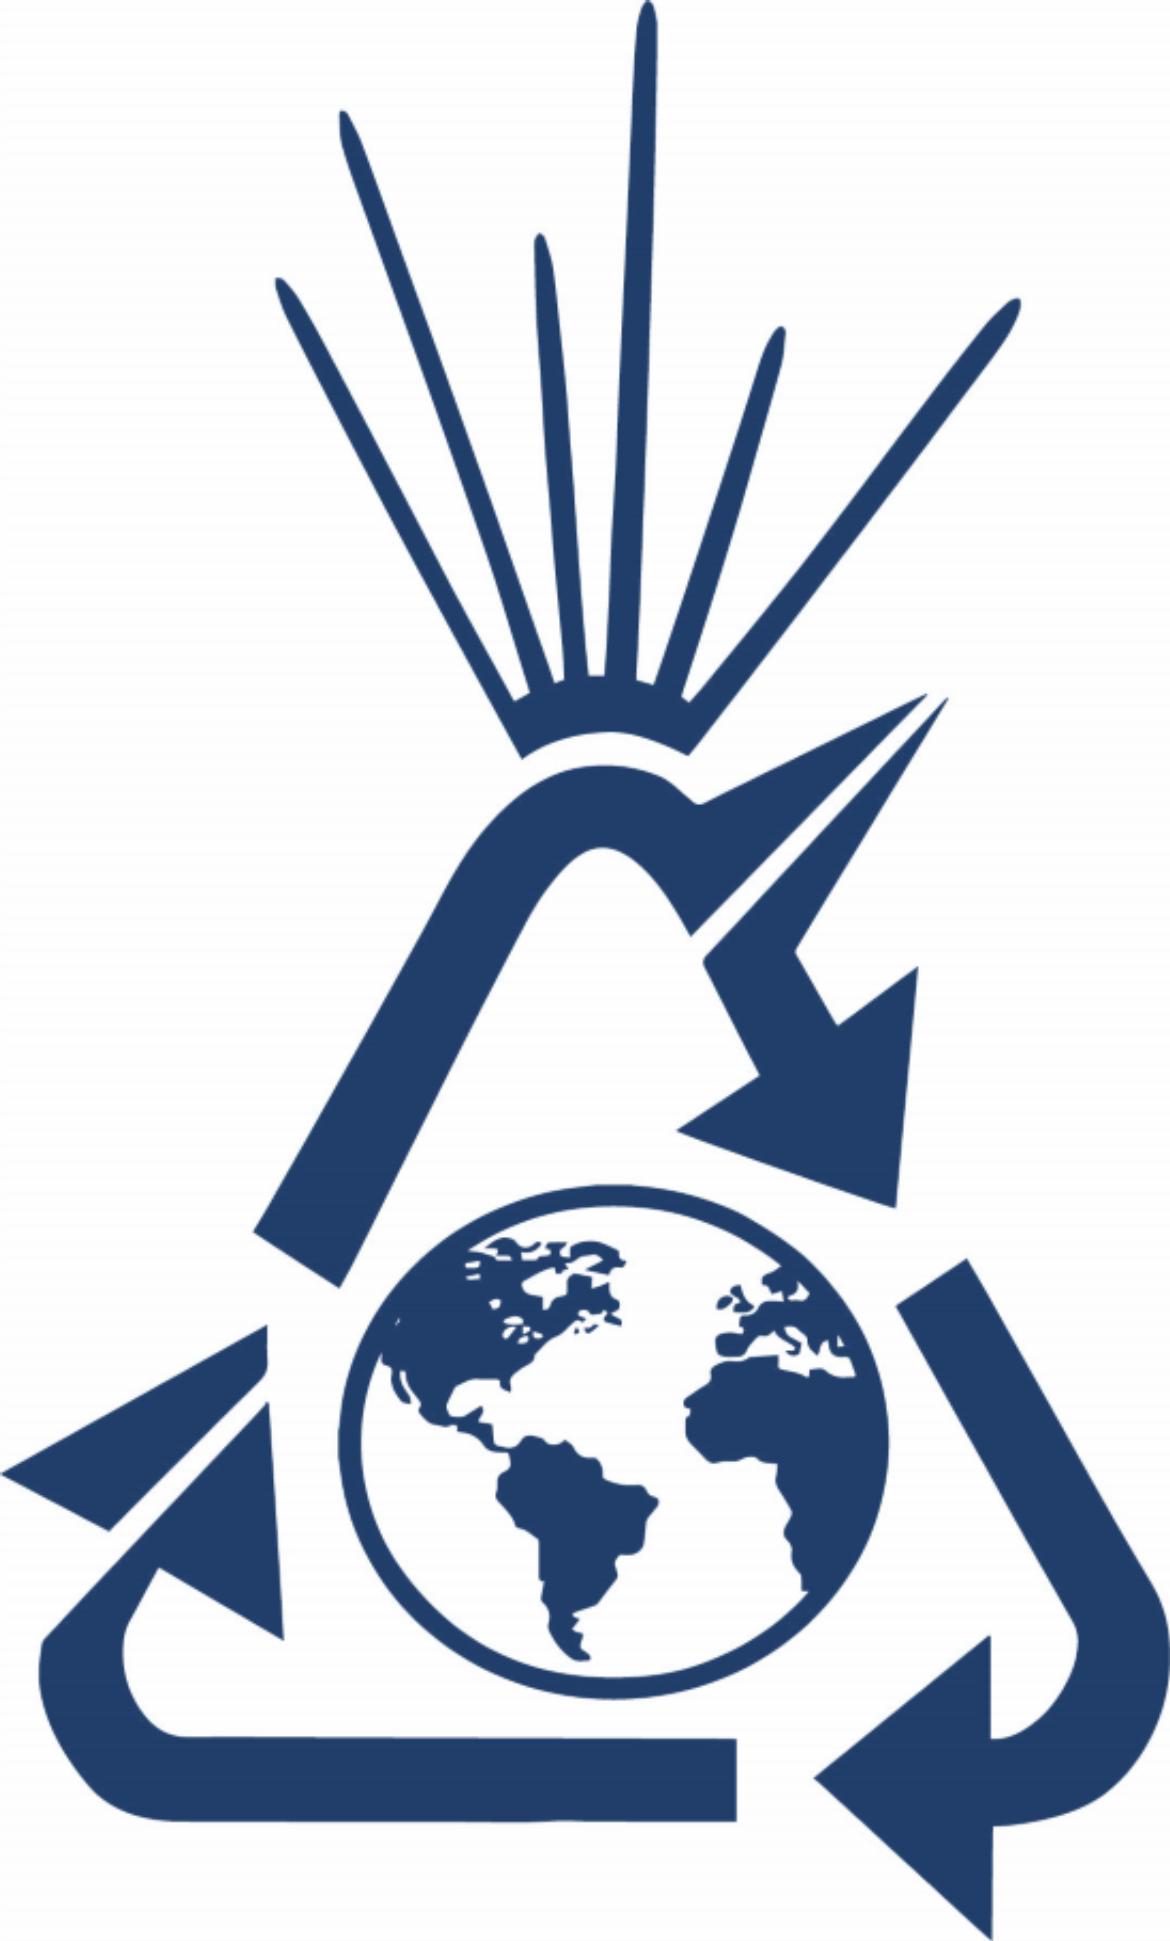 teepee-earth-logo